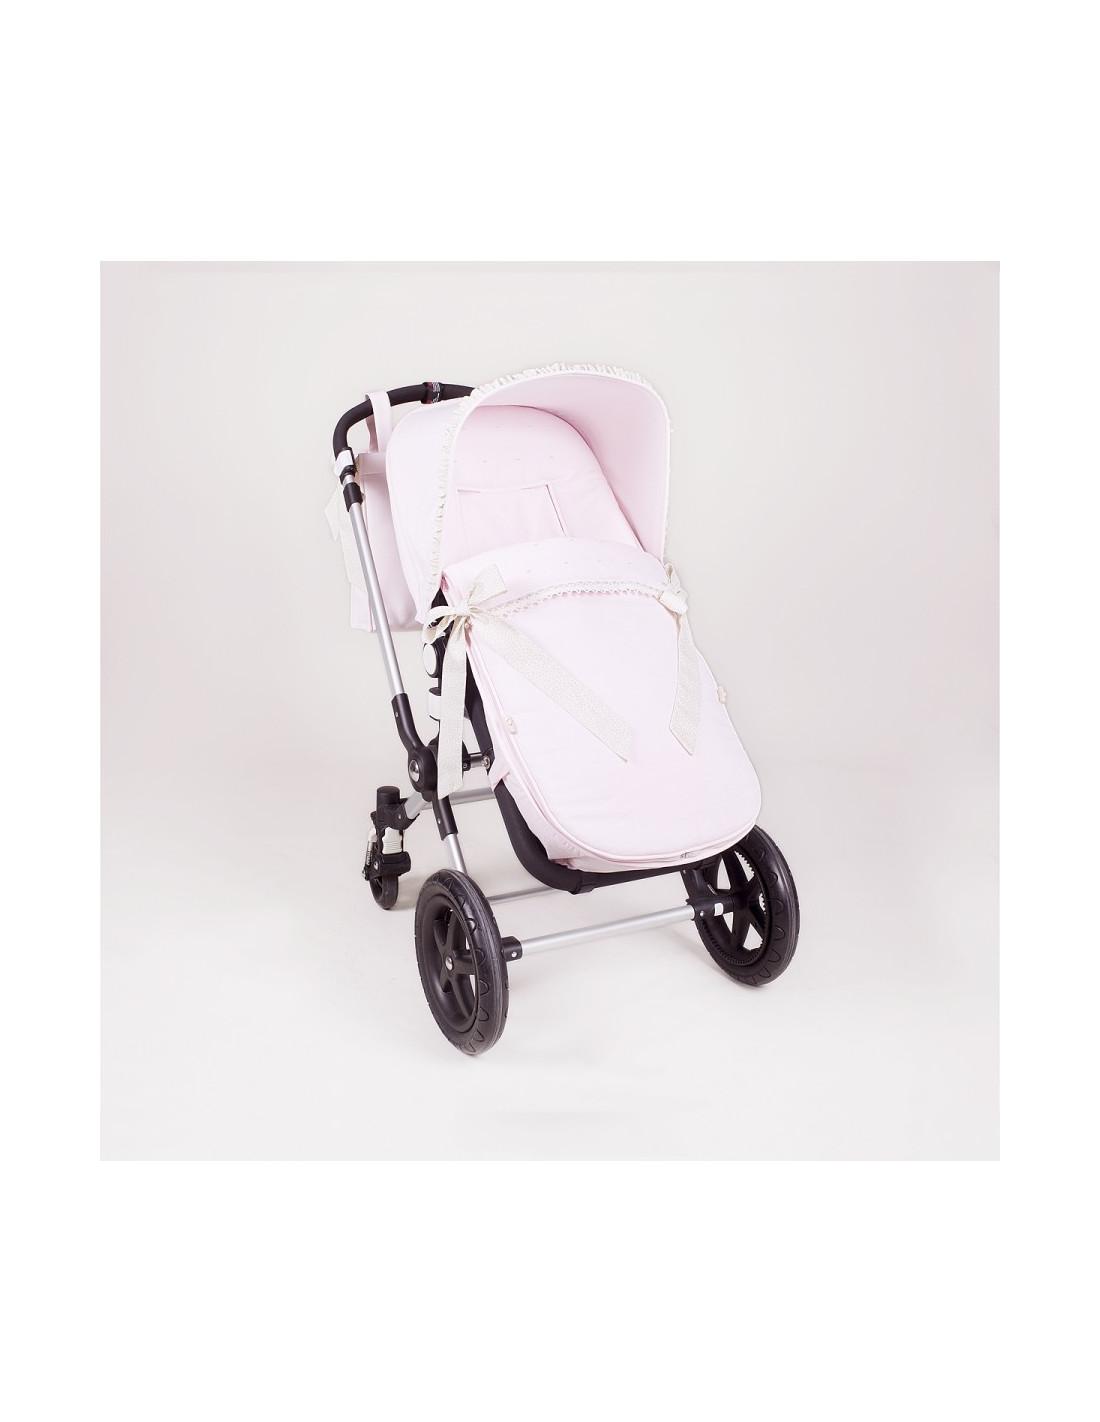 Saco para silla de paseo bugaboo de pili carrera - Sacos para sillas de paseo bugaboo ...